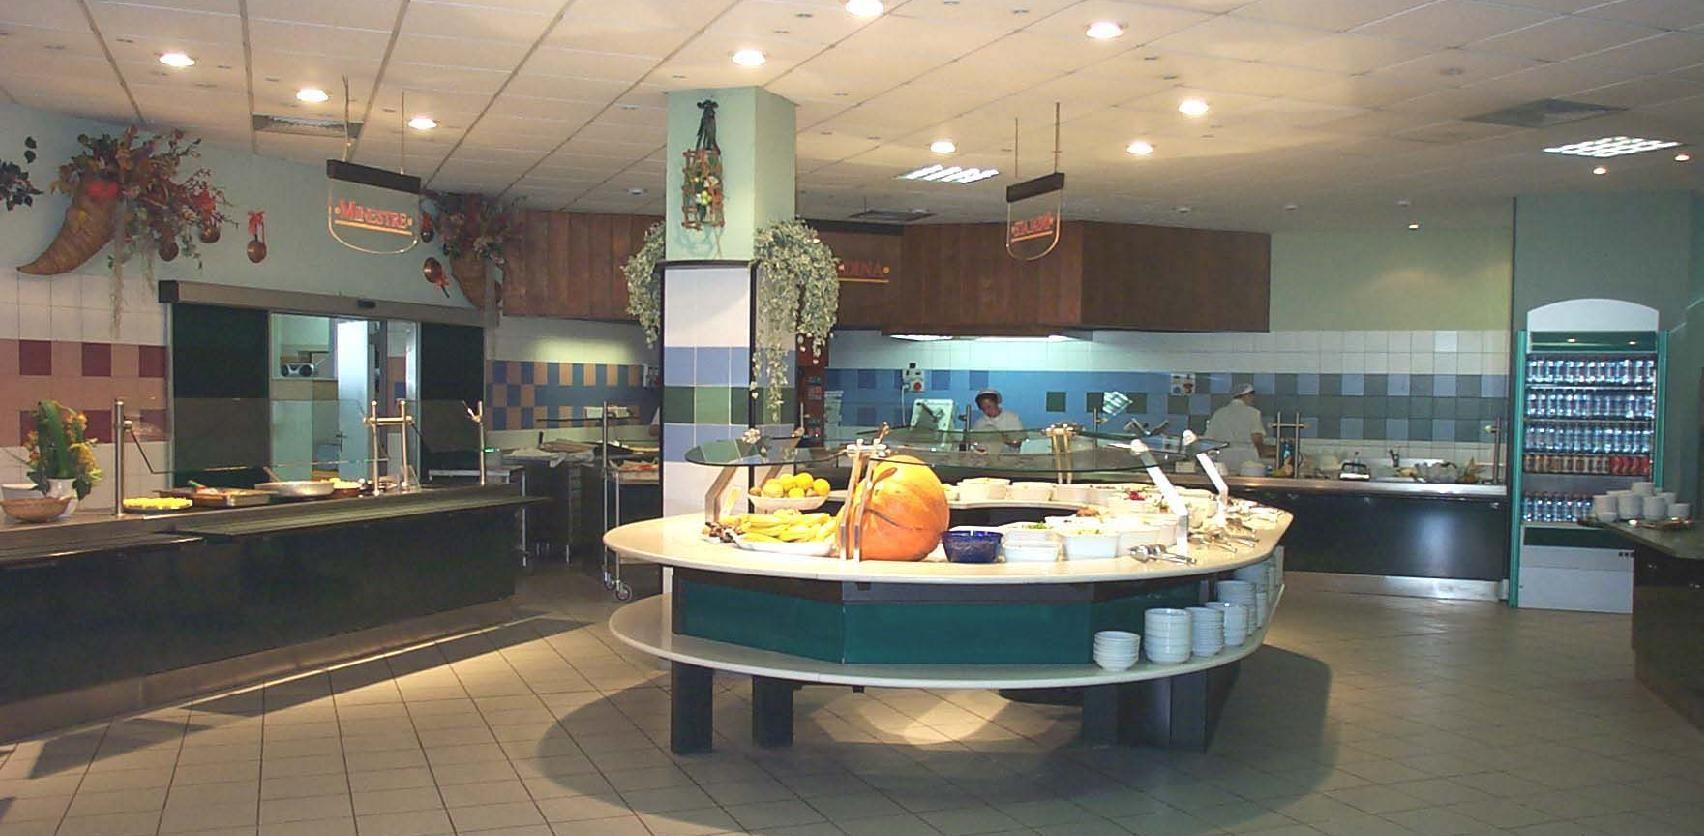 self service fast food restaurant Google zoeken Self